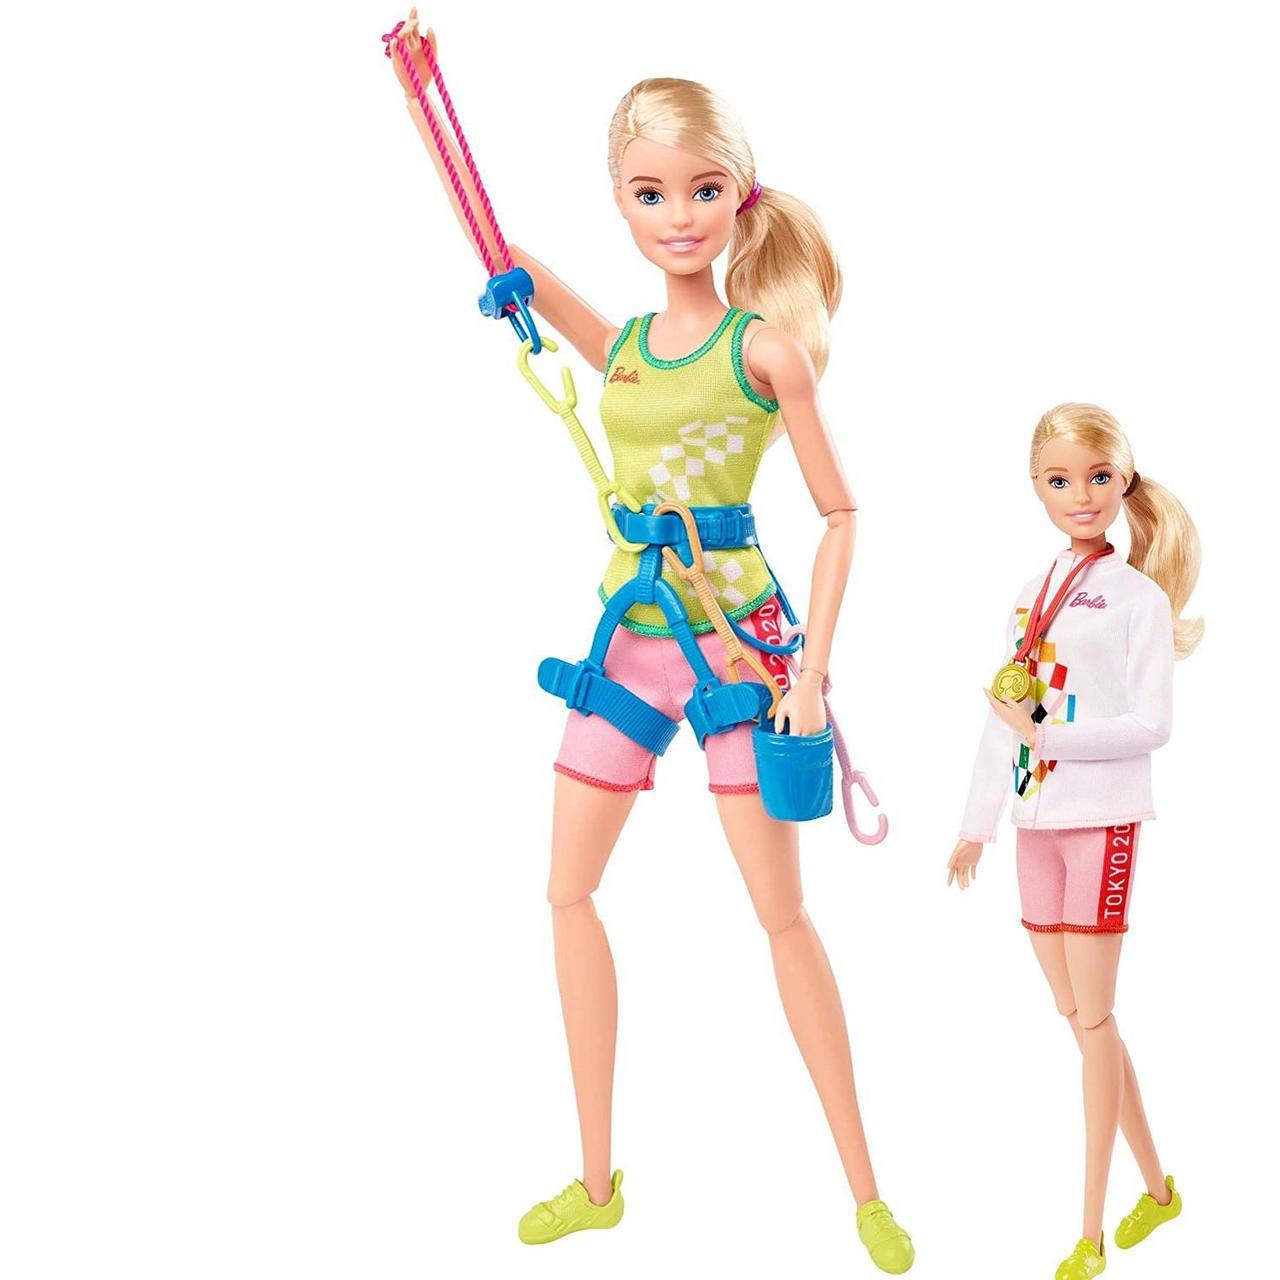 Лялька Барбі Спортивне скелелазіння Олімпійські ігри Токіо Barbie Olympic